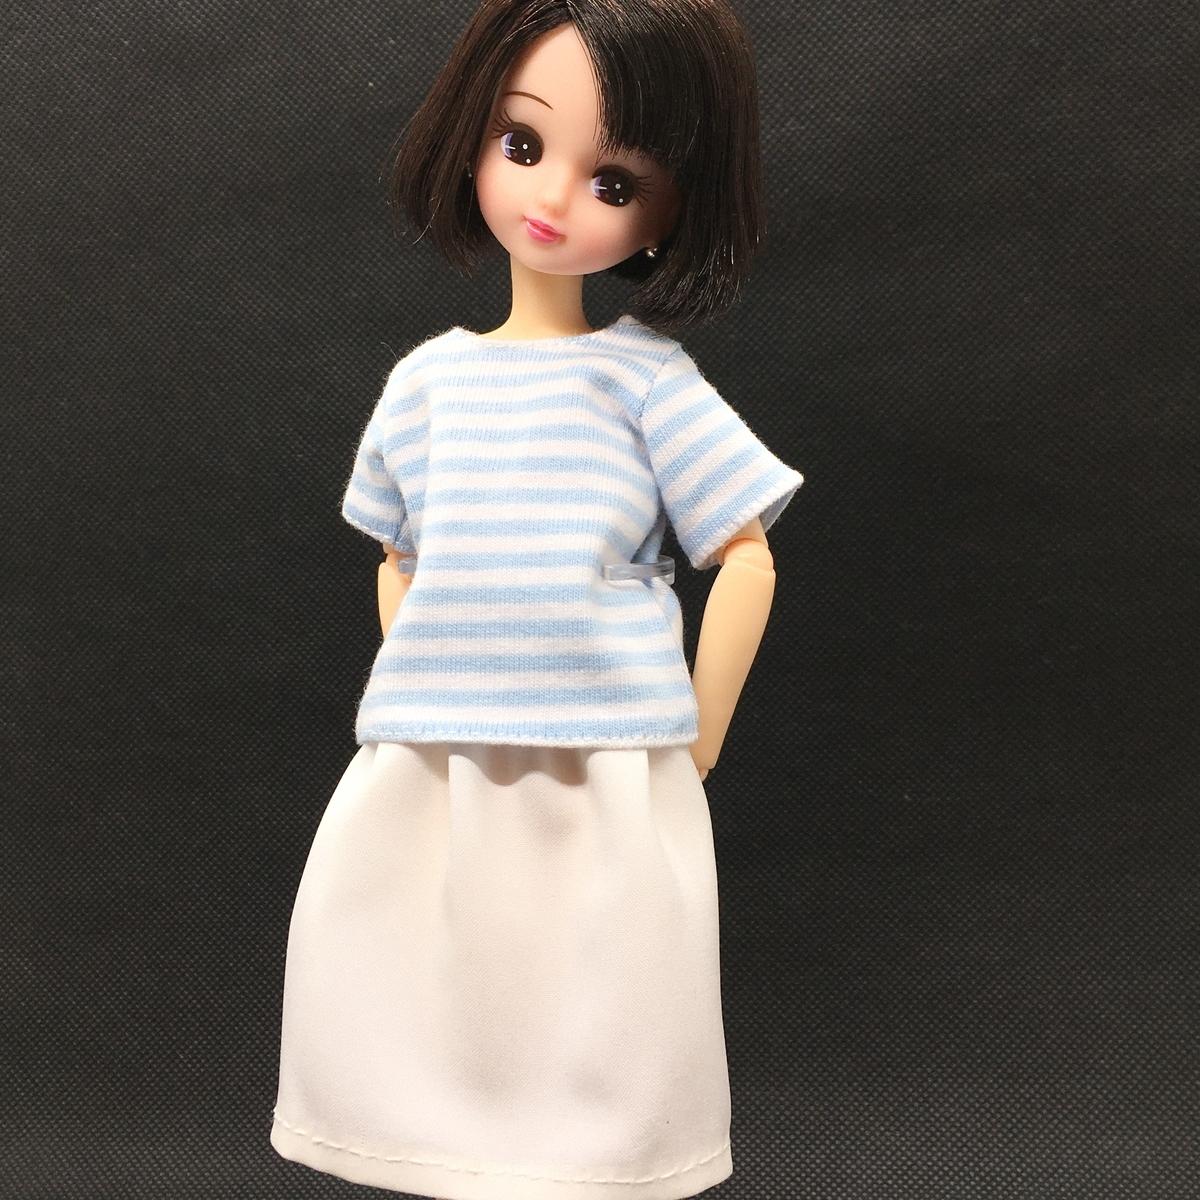 水色ボーダーのTシャツ&ペチコートを着たリカちゃん